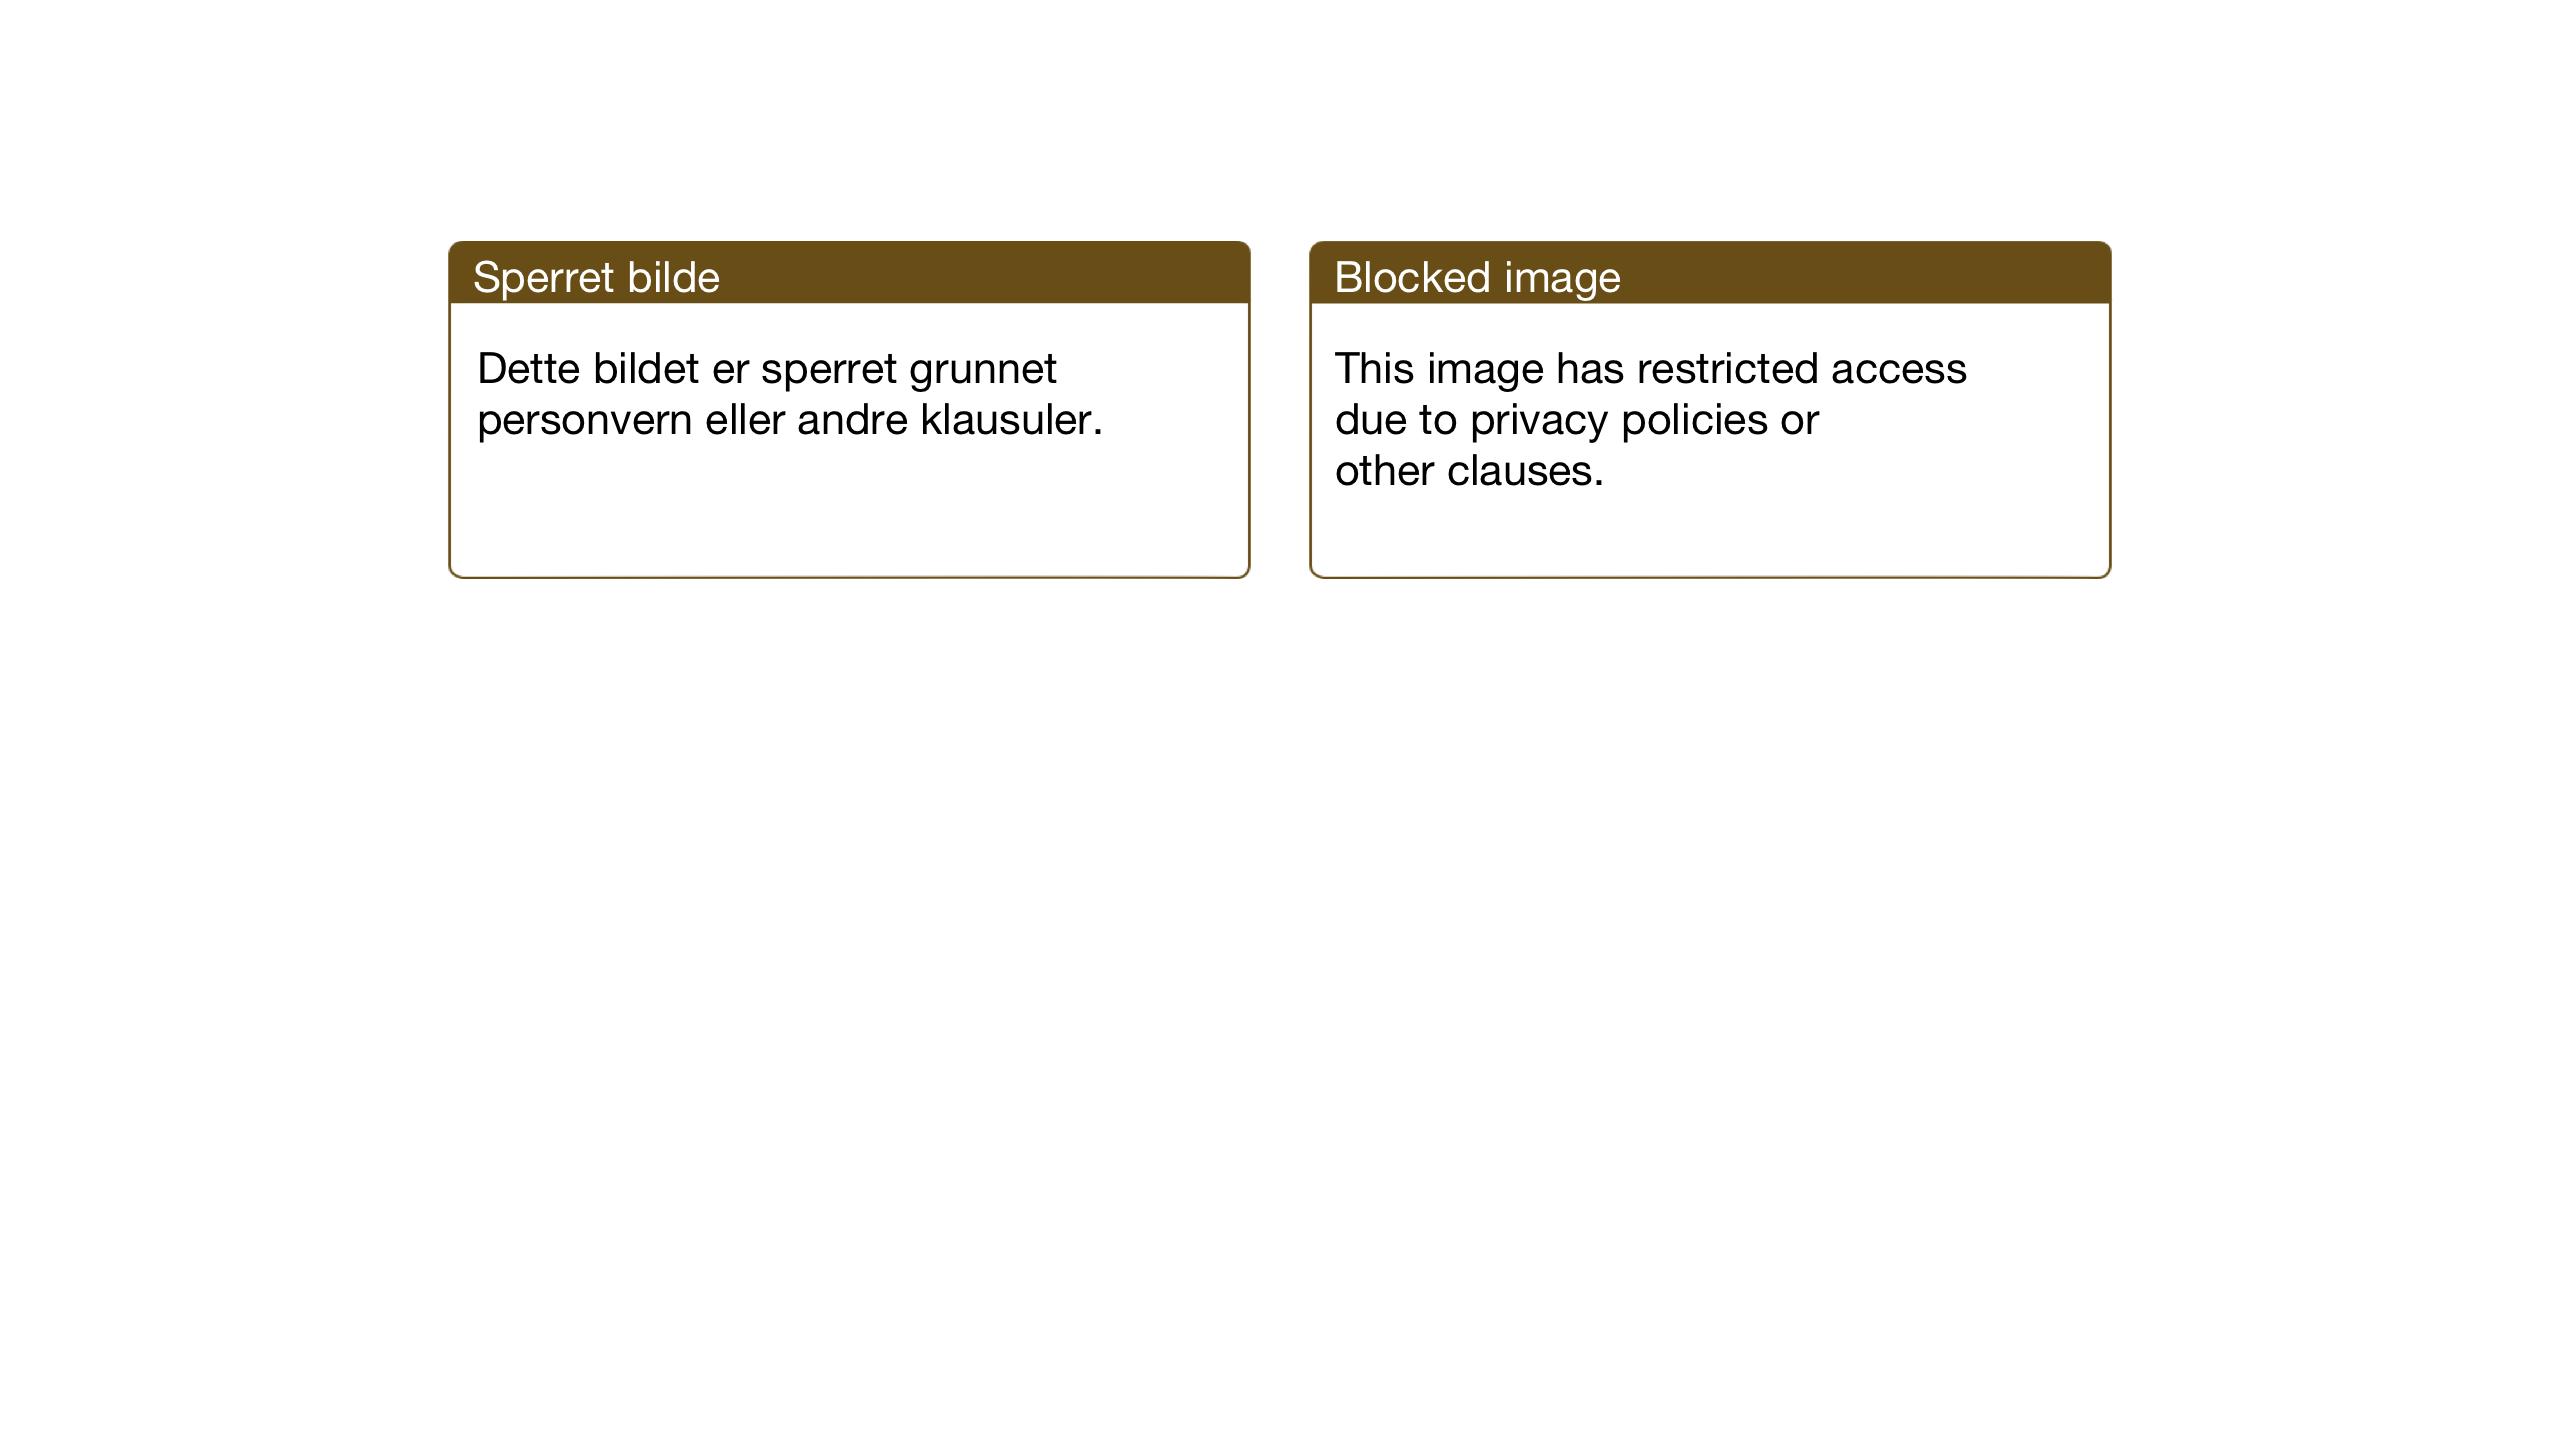 SAT, Ministerialprotokoller, klokkerbøker og fødselsregistre - Sør-Trøndelag, 655/L0690: Klokkerbok nr. 655C06, 1937-1950, s. 160